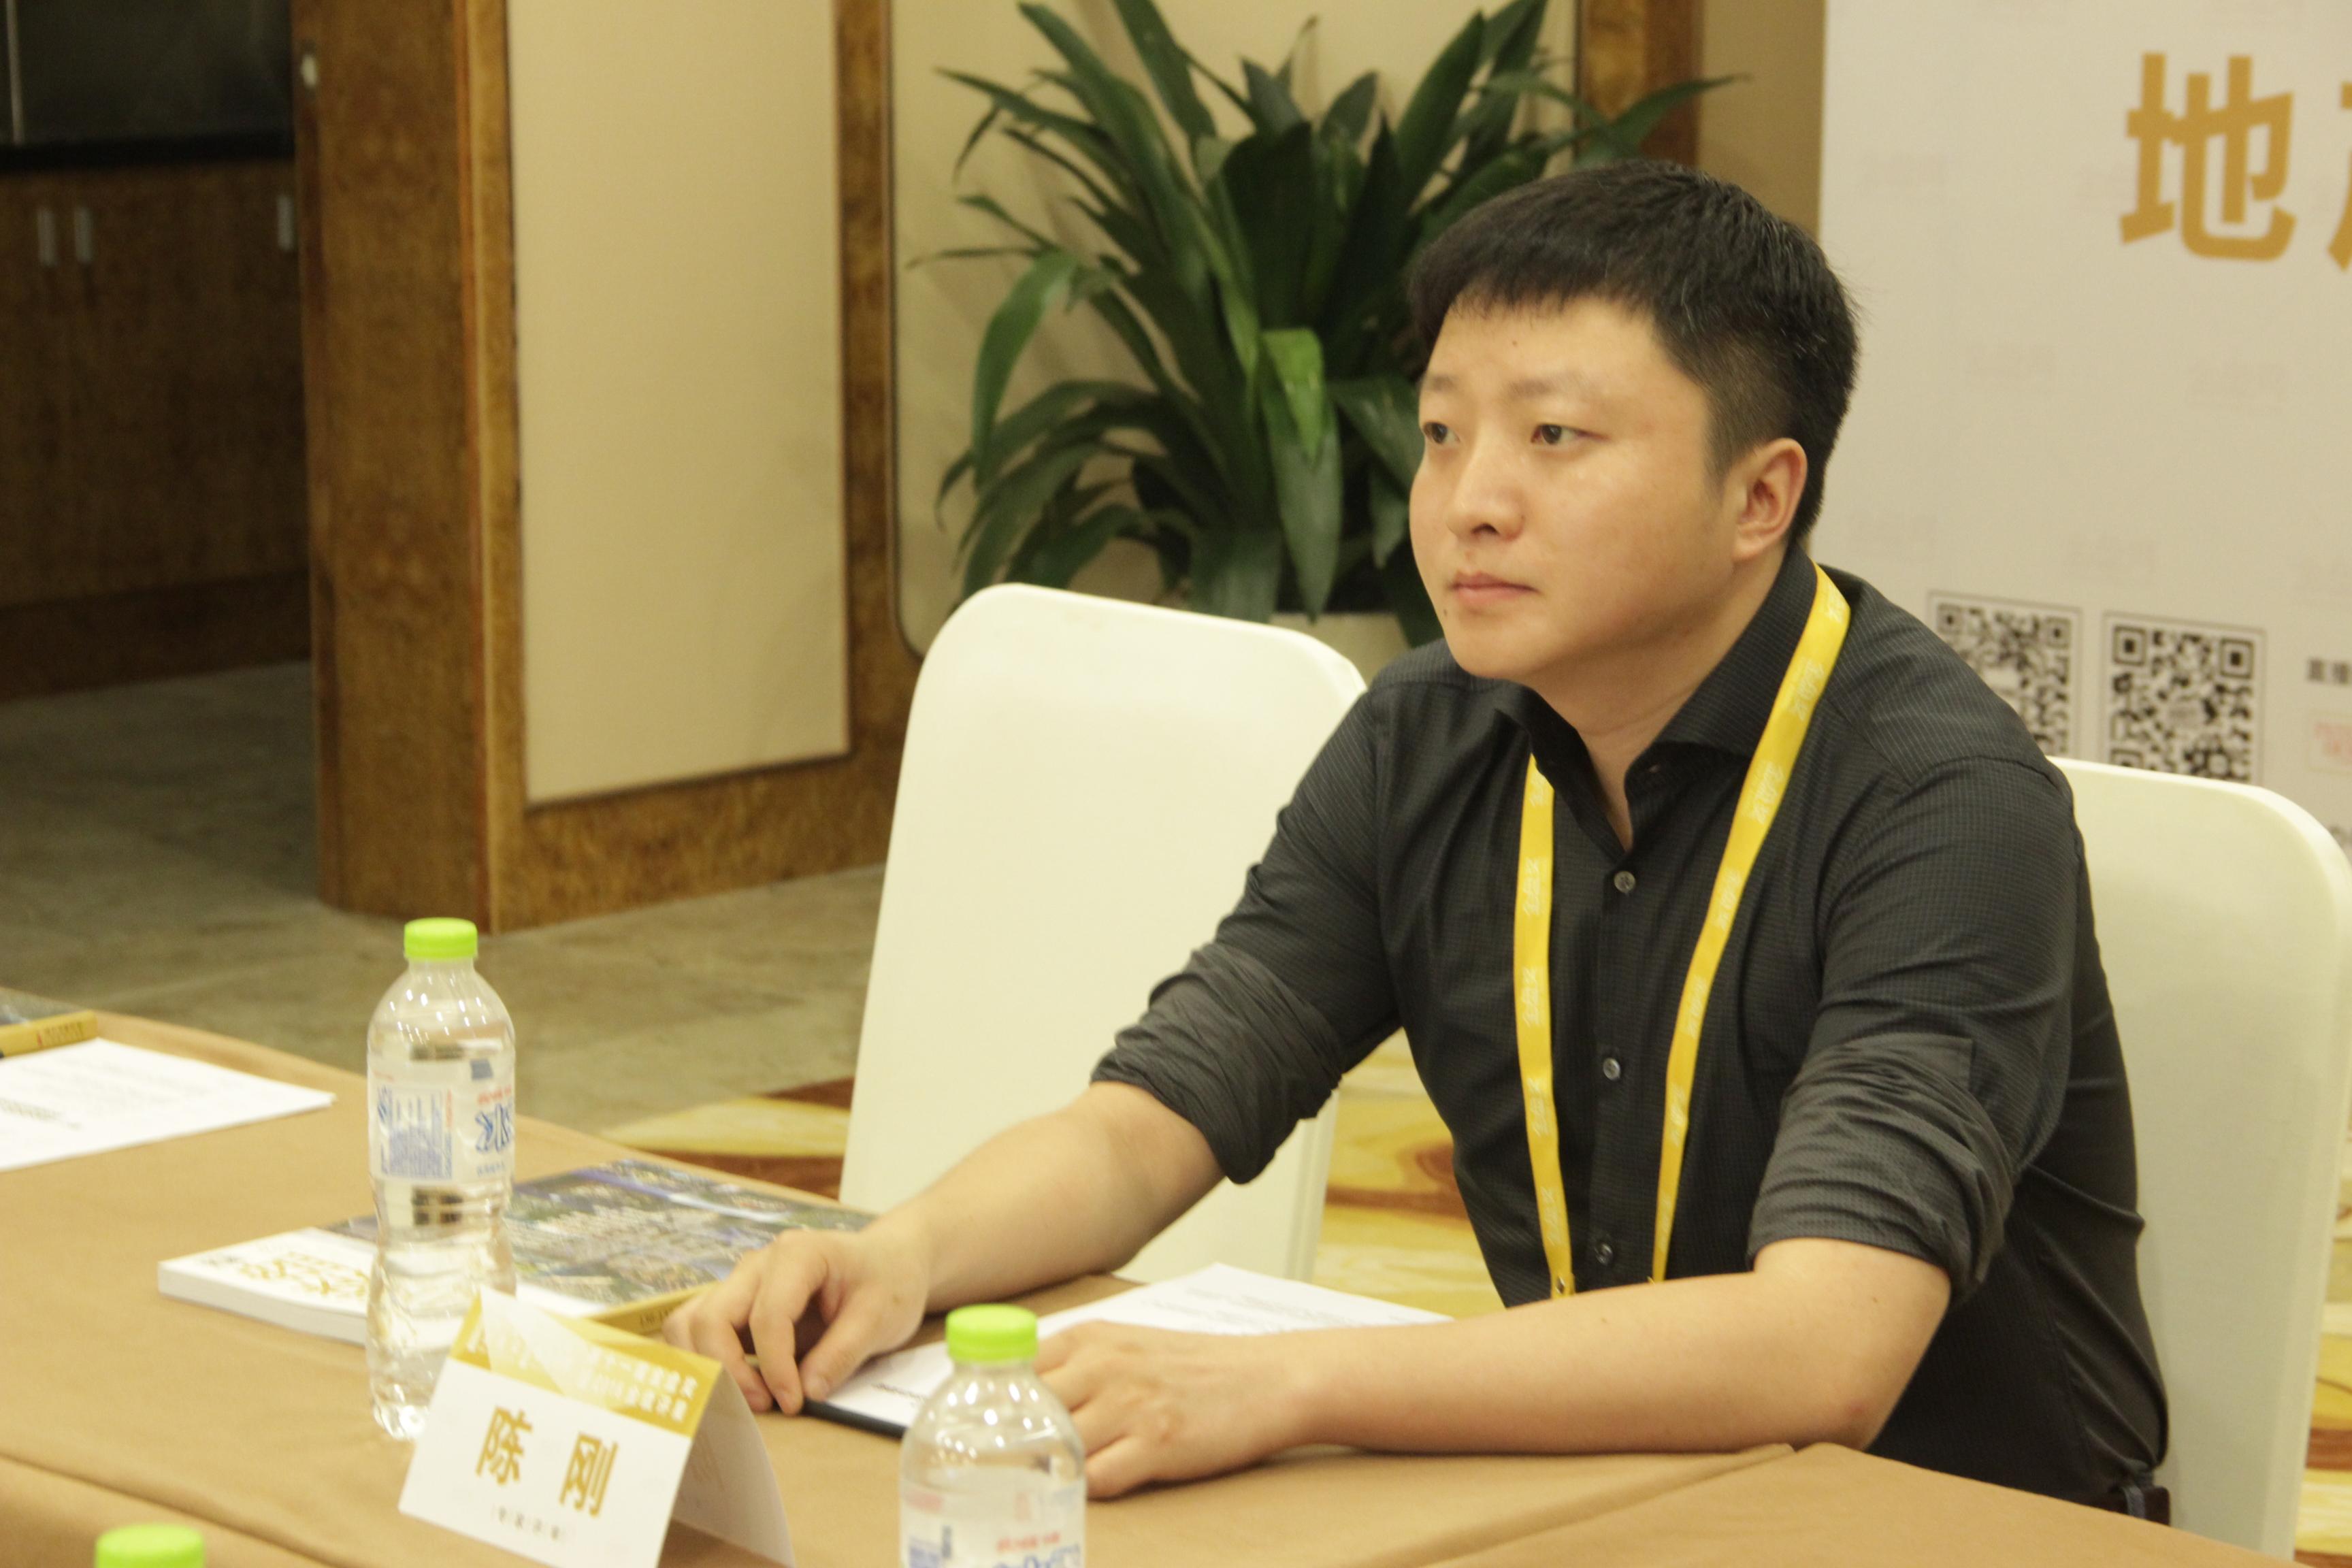 第11届金盘奖暨2016金盘评星活动 华中地区